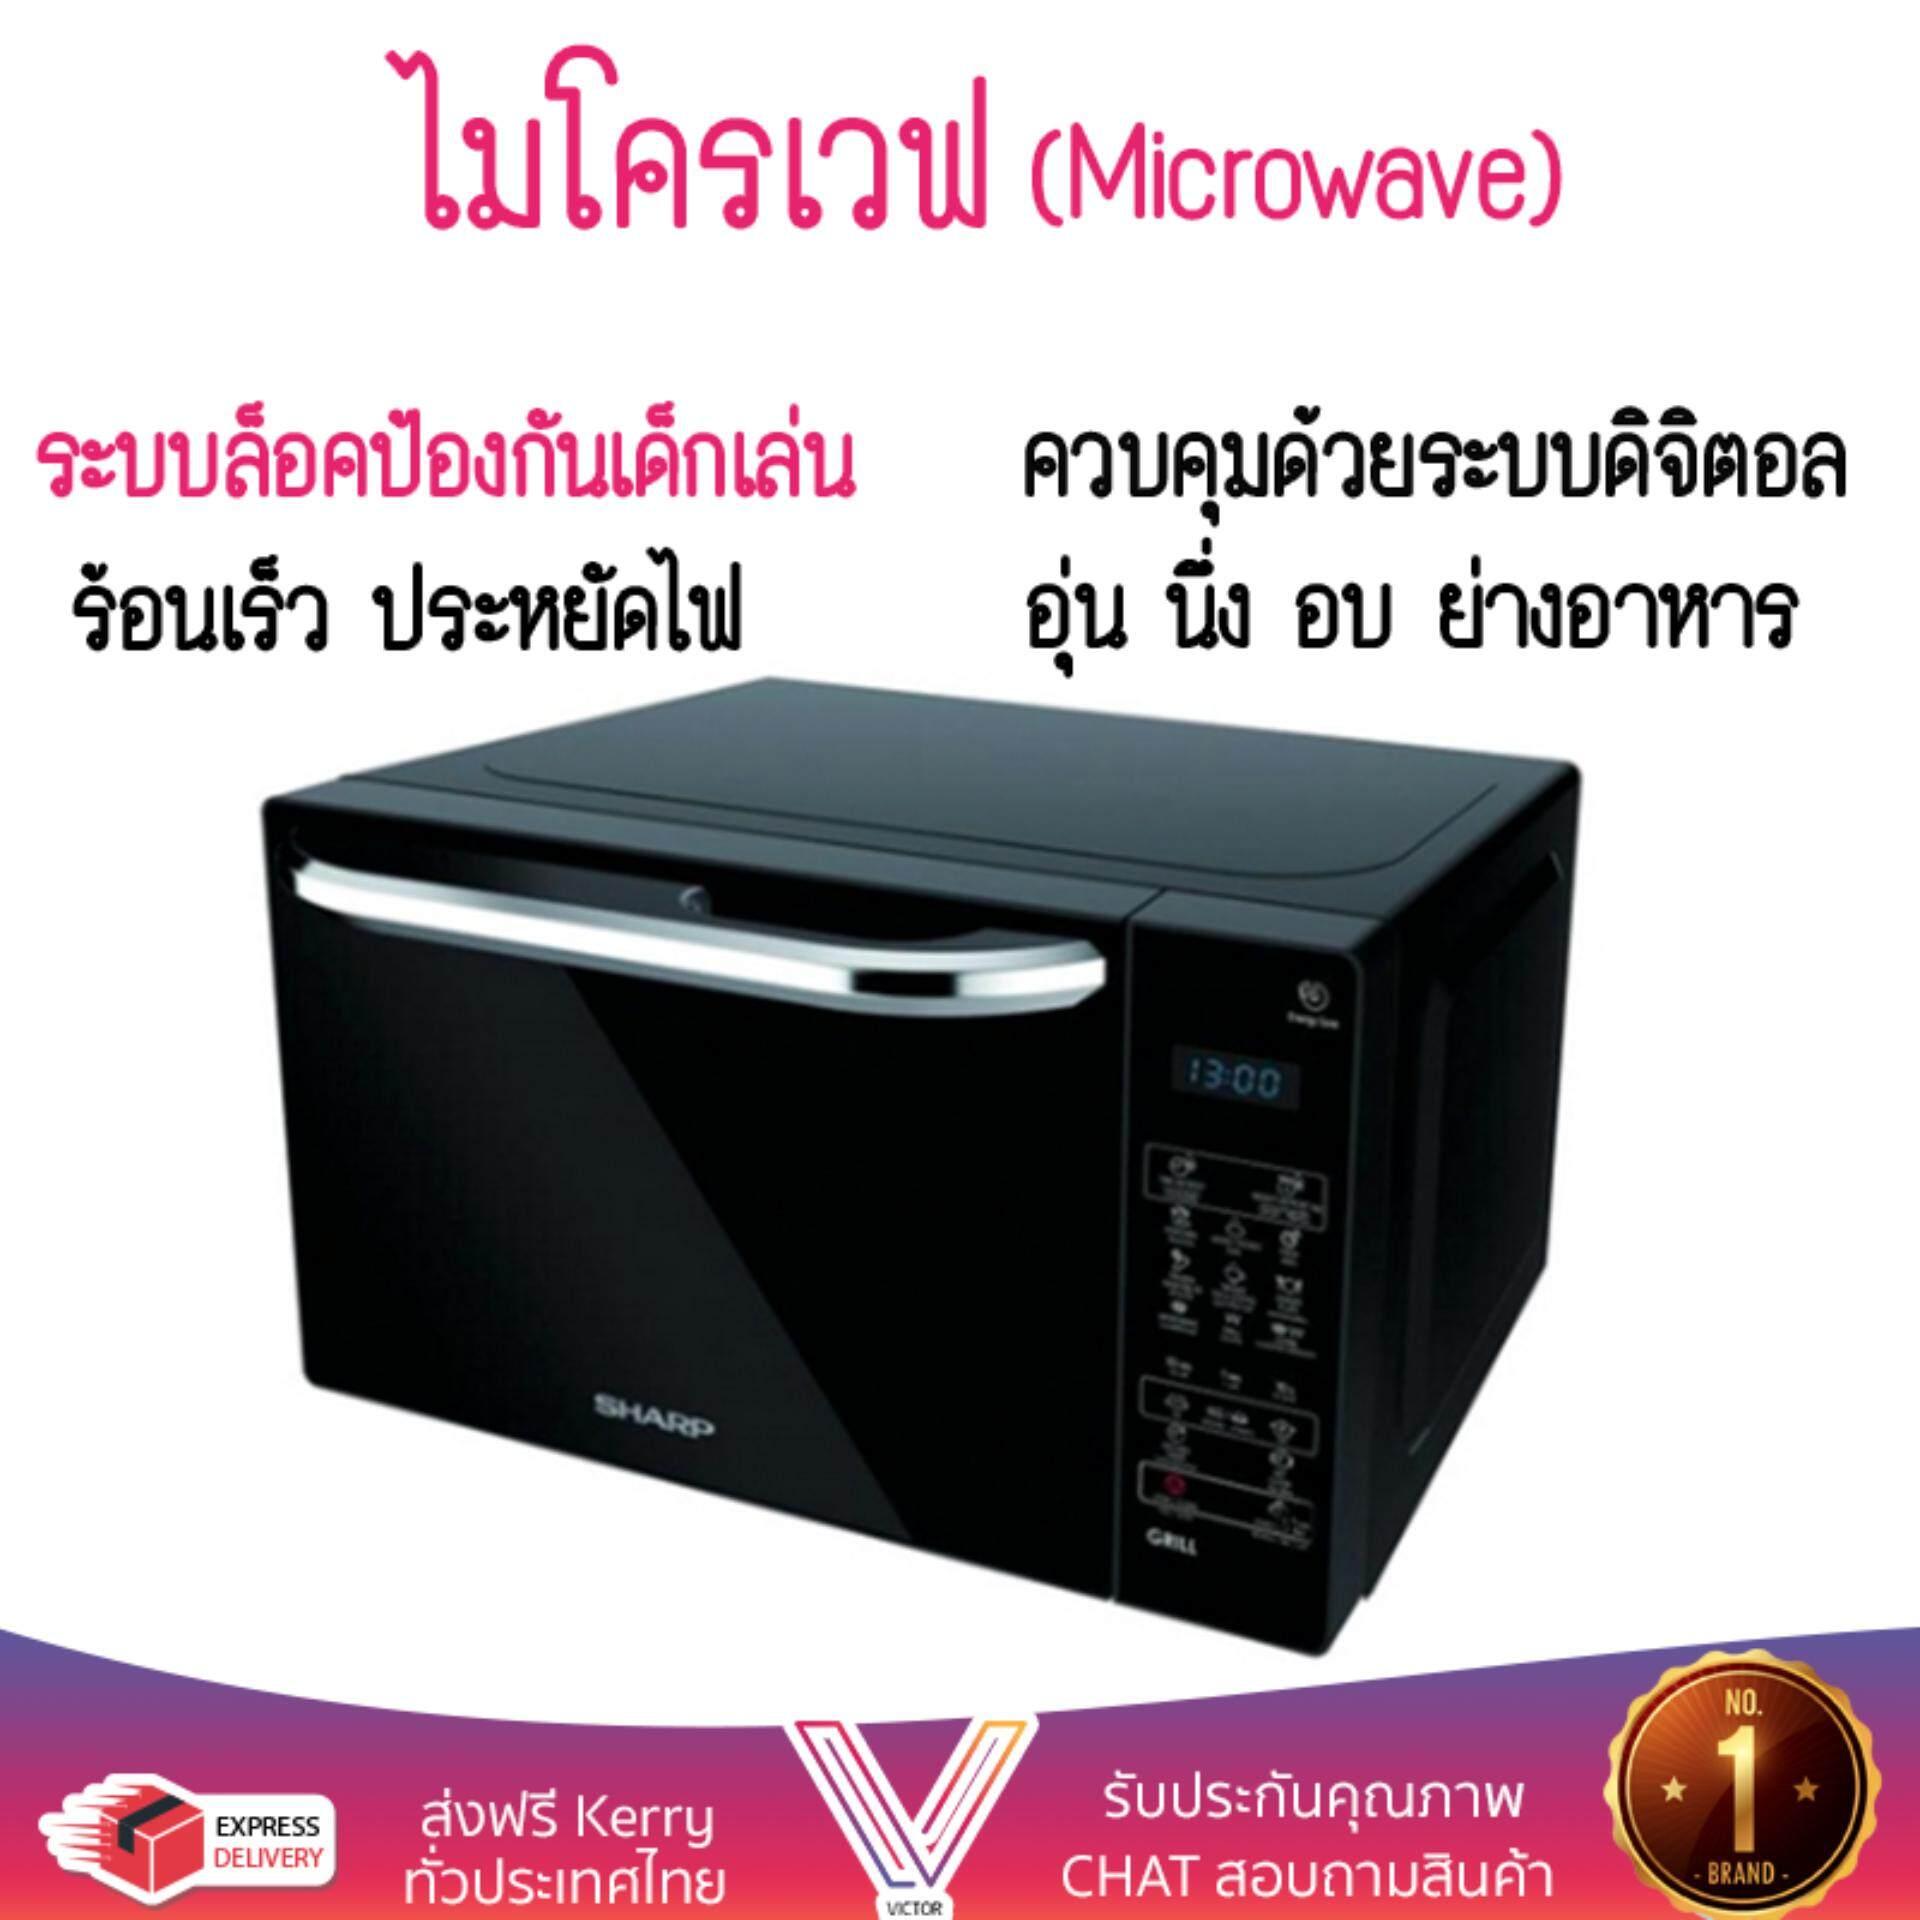 รุ่นใหม่ล่าสุด ไมโครเวฟ เตาอบไมโครเวฟ ไมโครเวฟดิจิตอล SHARP R-652PBK 20 ลิตร | SHARP | R-652PBK ปรับระดับความร้อนได้หลายระดับ  มีฟังก์ชันละลายน้ำแข็ง ใช้งานง่าย Microwave จัดส่งฟรีทั่วประเทศ